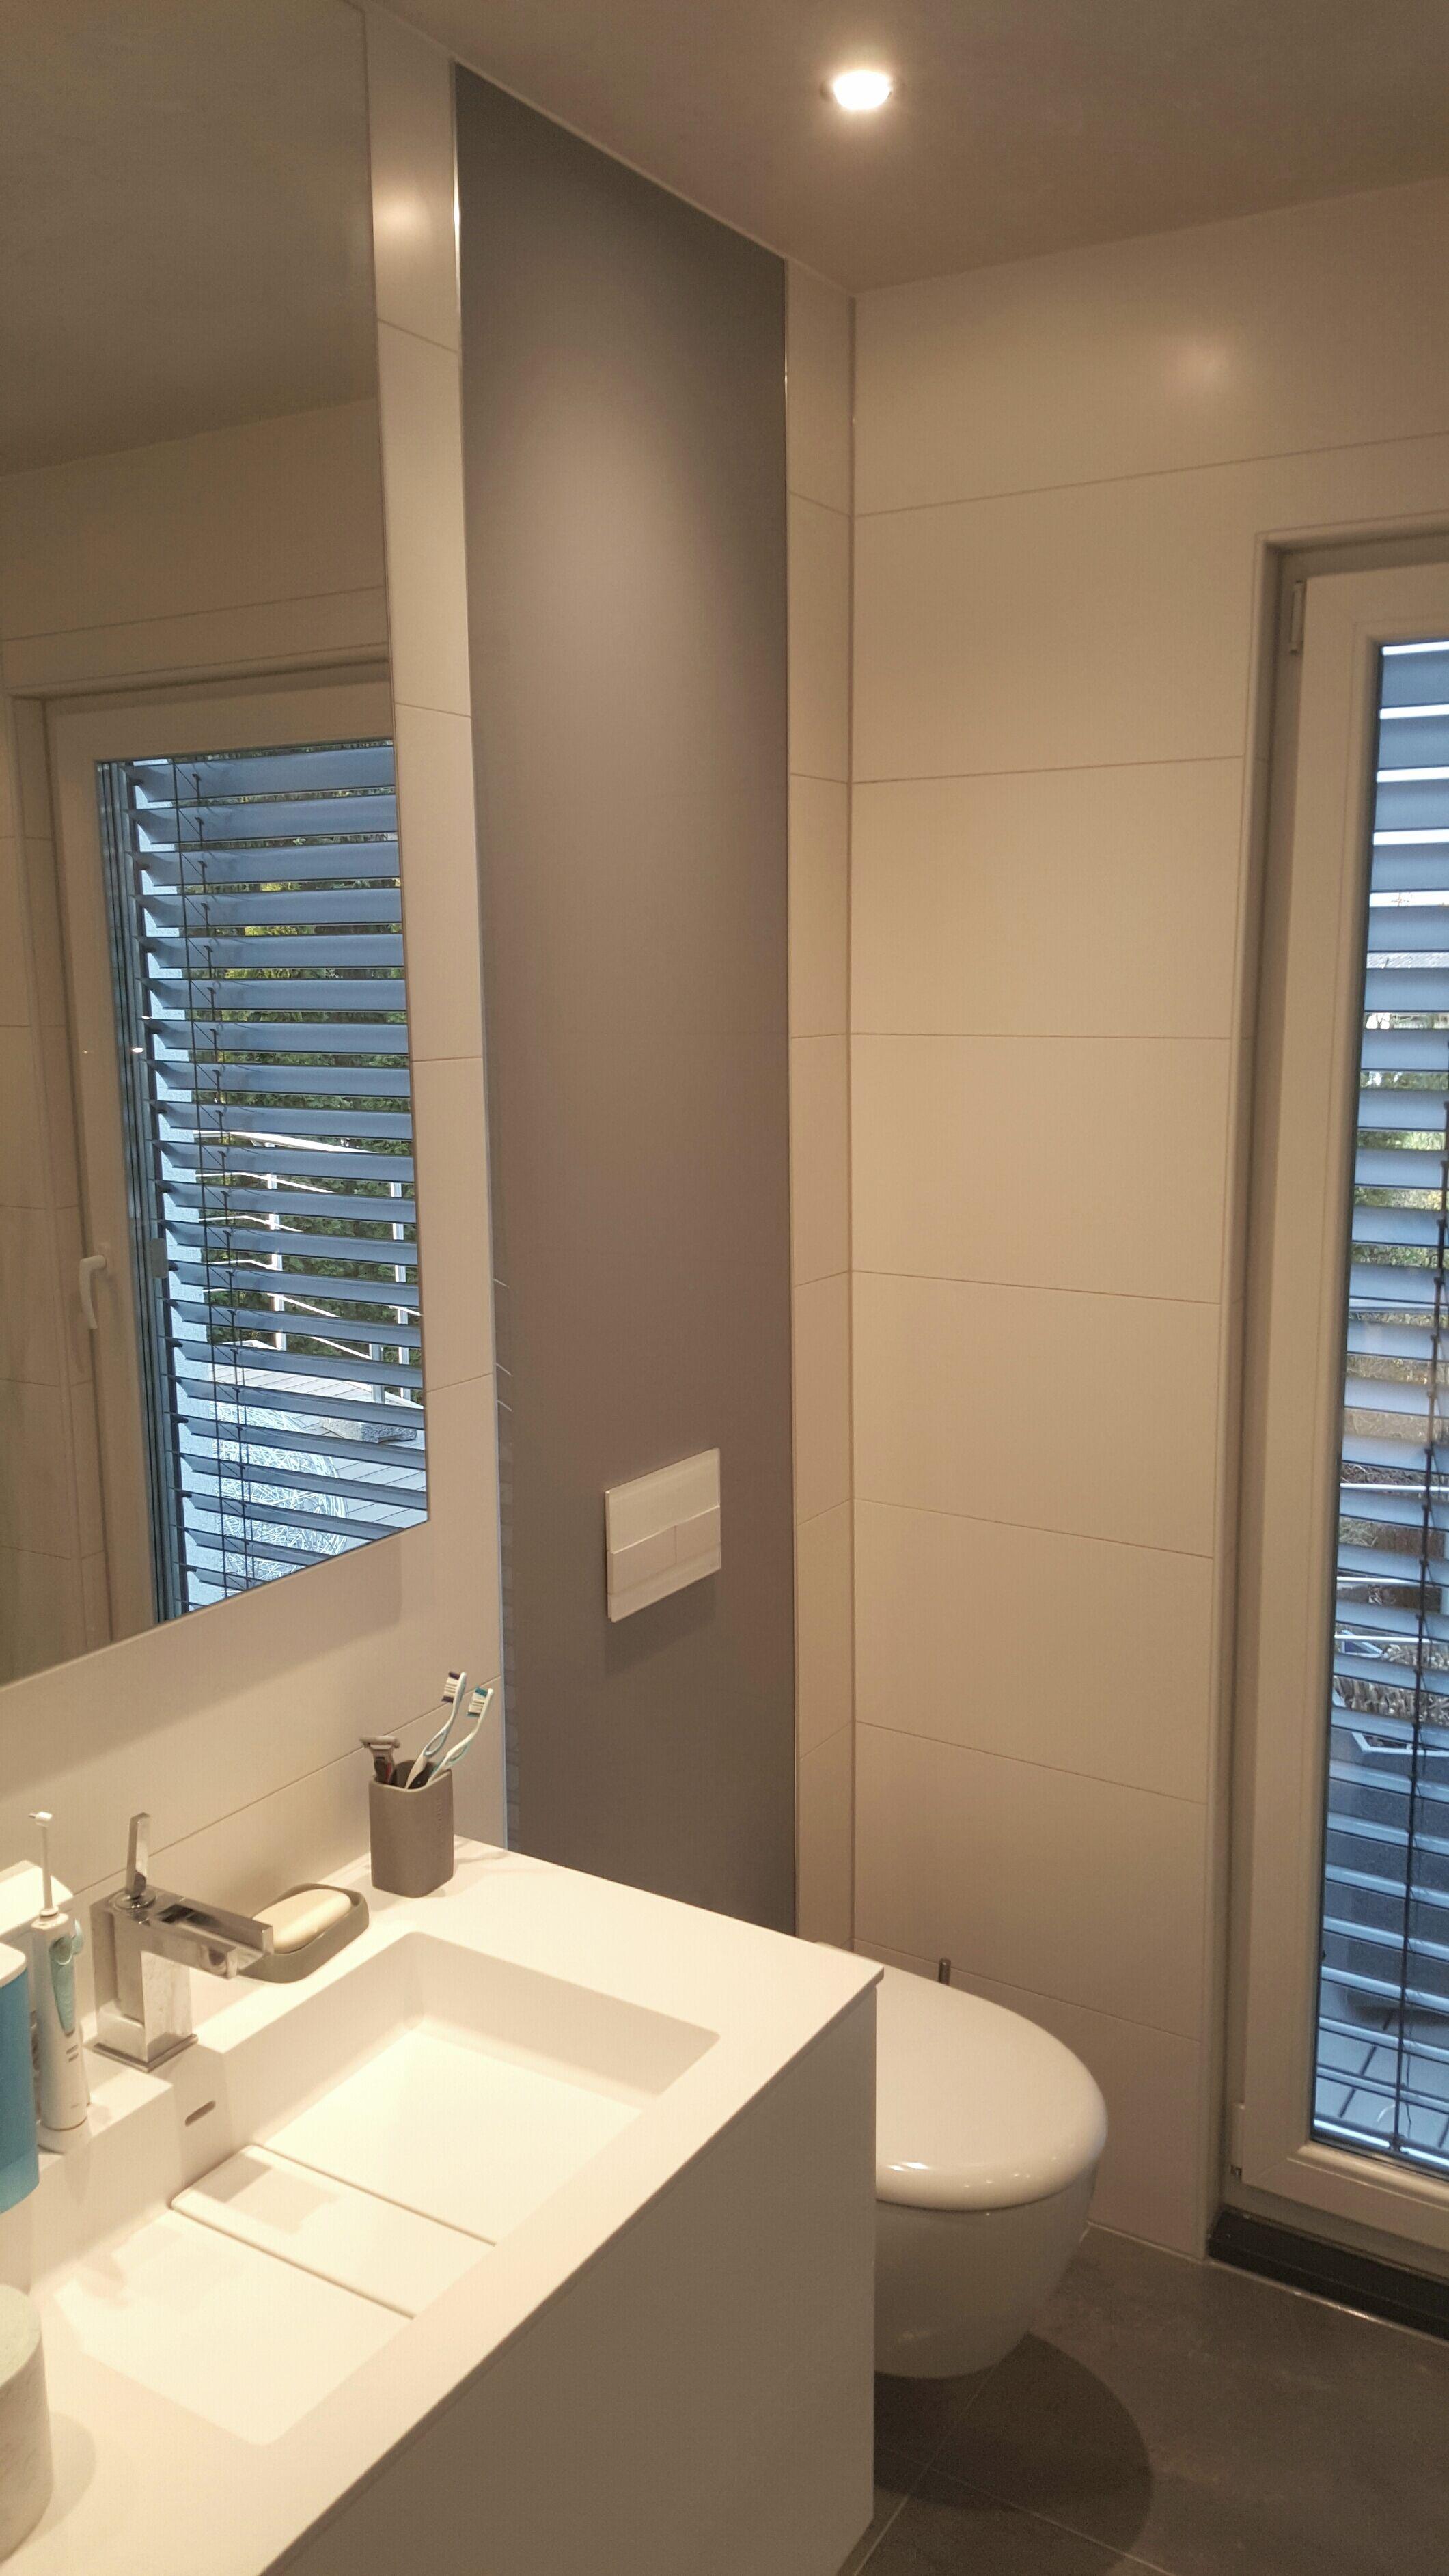 Verkleidungsplatten Badezimmer   Der Einbau Einer Panelle An Der Toilettenruckwand Bundig Mit Den